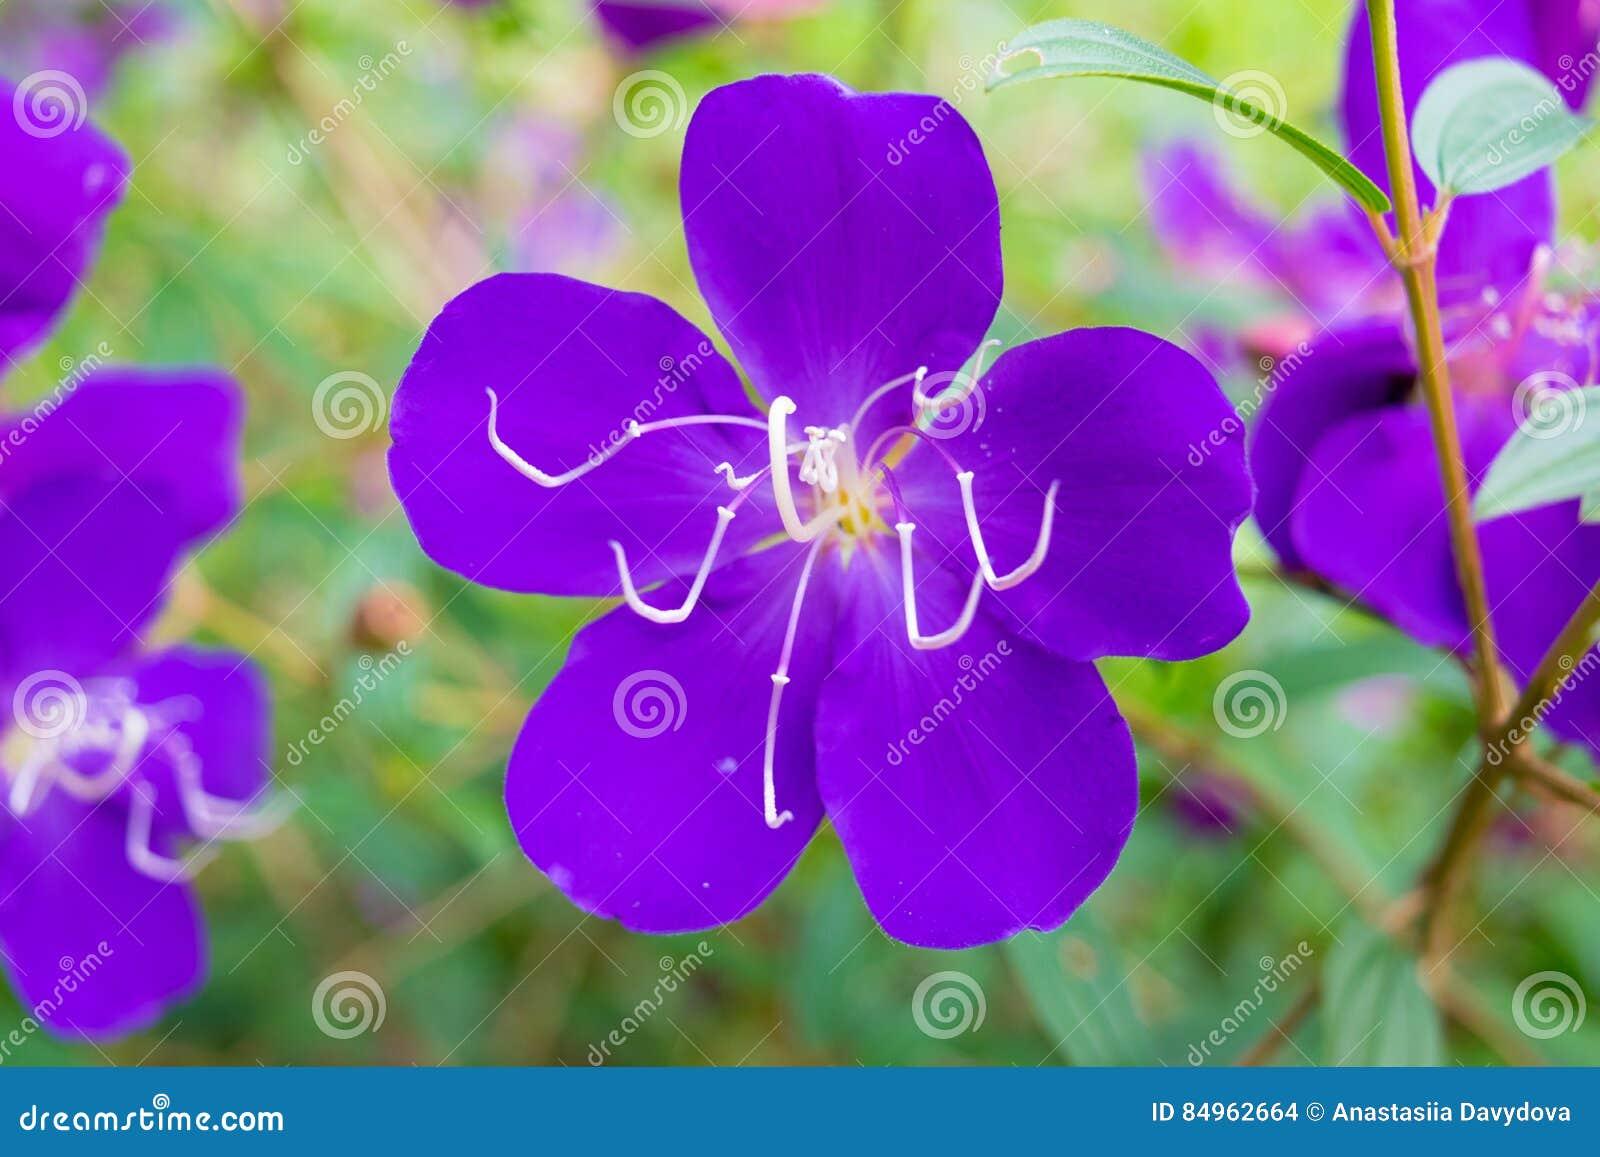 Five Petal Purple Flower Stock Images 436 Photos